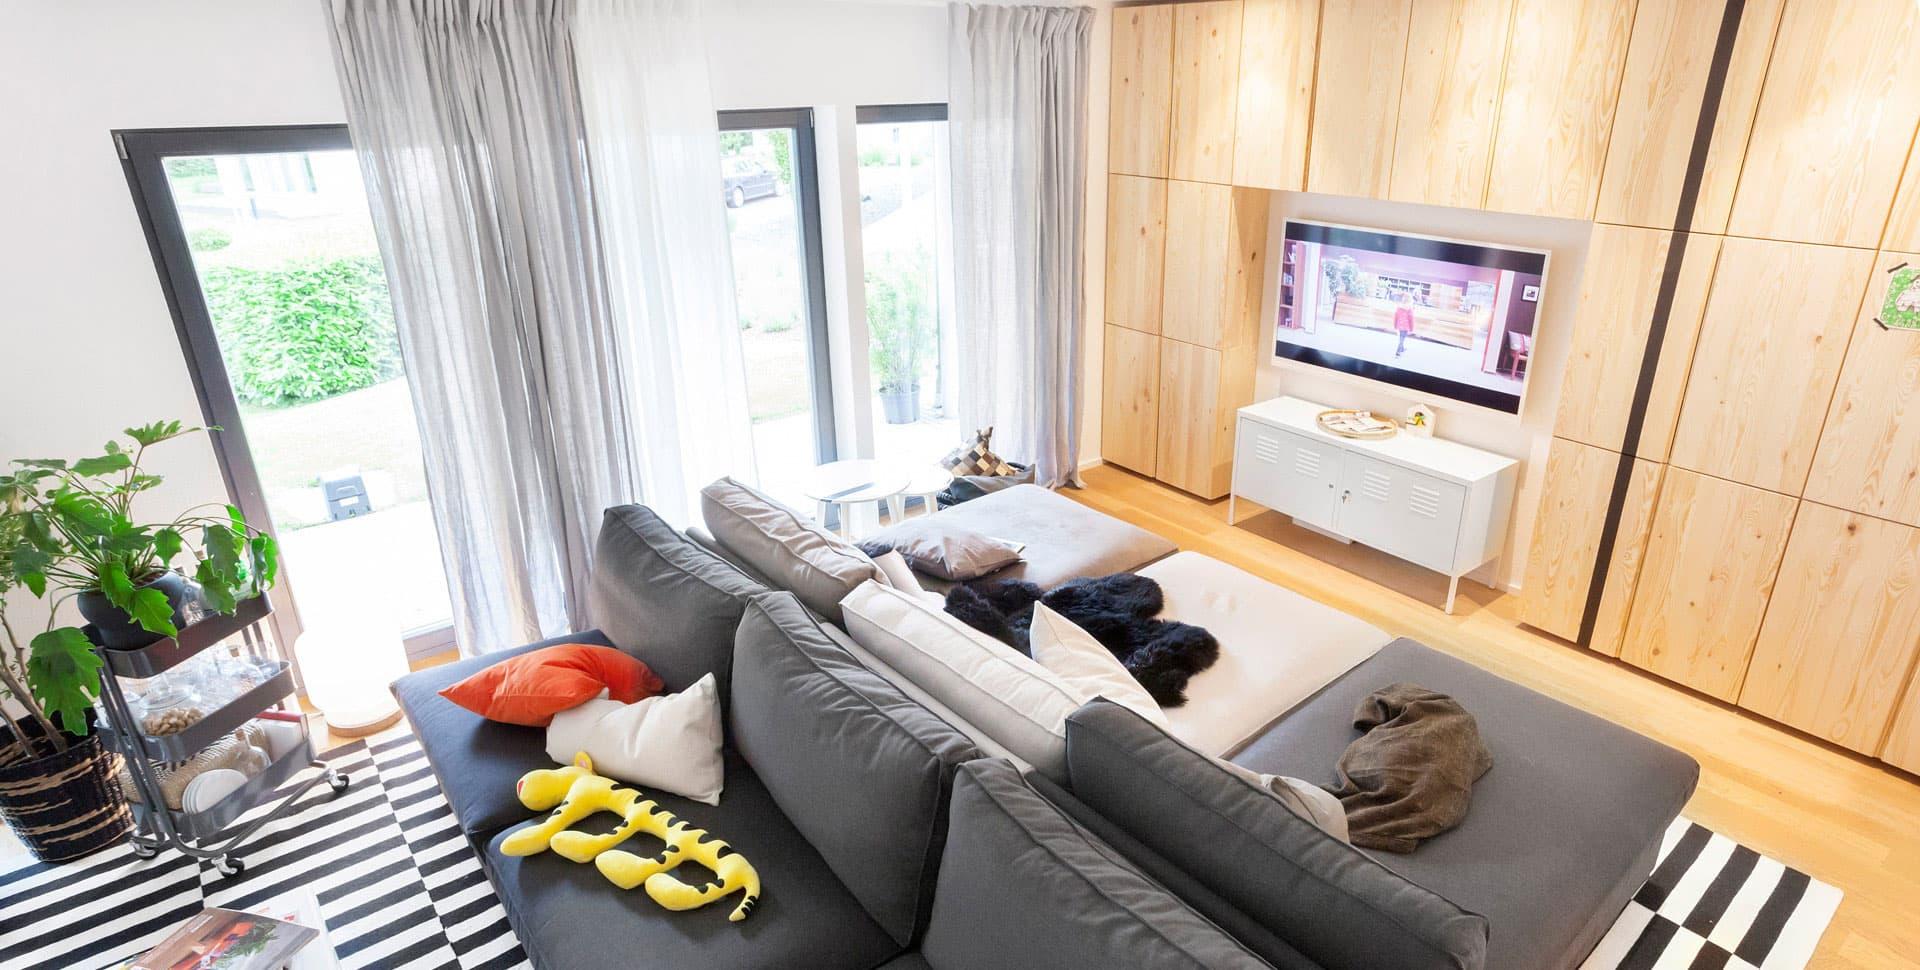 checkliste wie viel platz braucht man zum leben ratgeber magazin. Black Bedroom Furniture Sets. Home Design Ideas